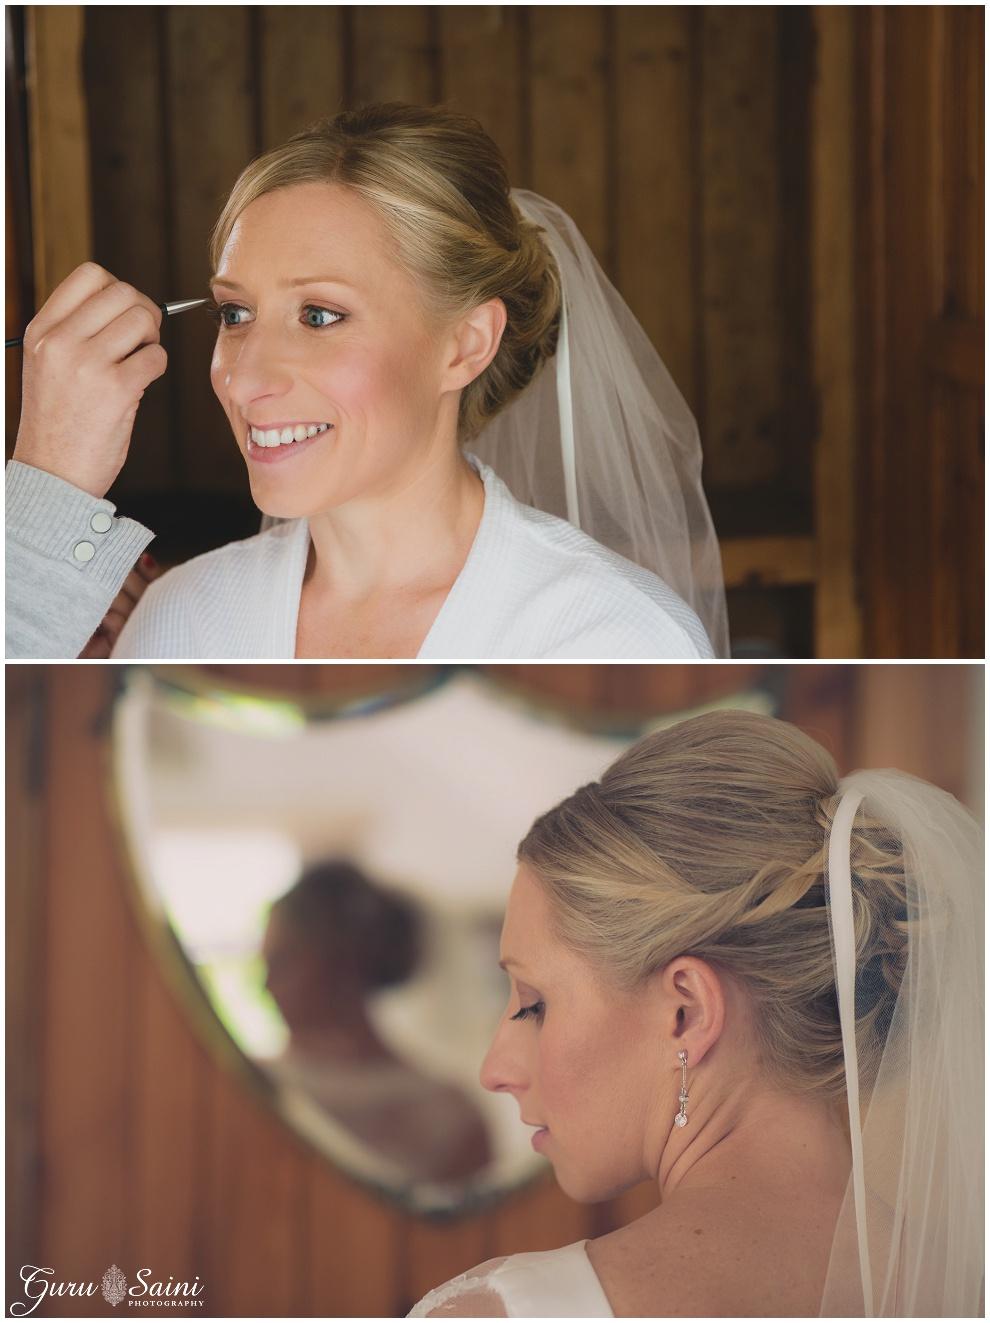 Wedding-Photography-Dublin-London-Guru-Saini-Photography